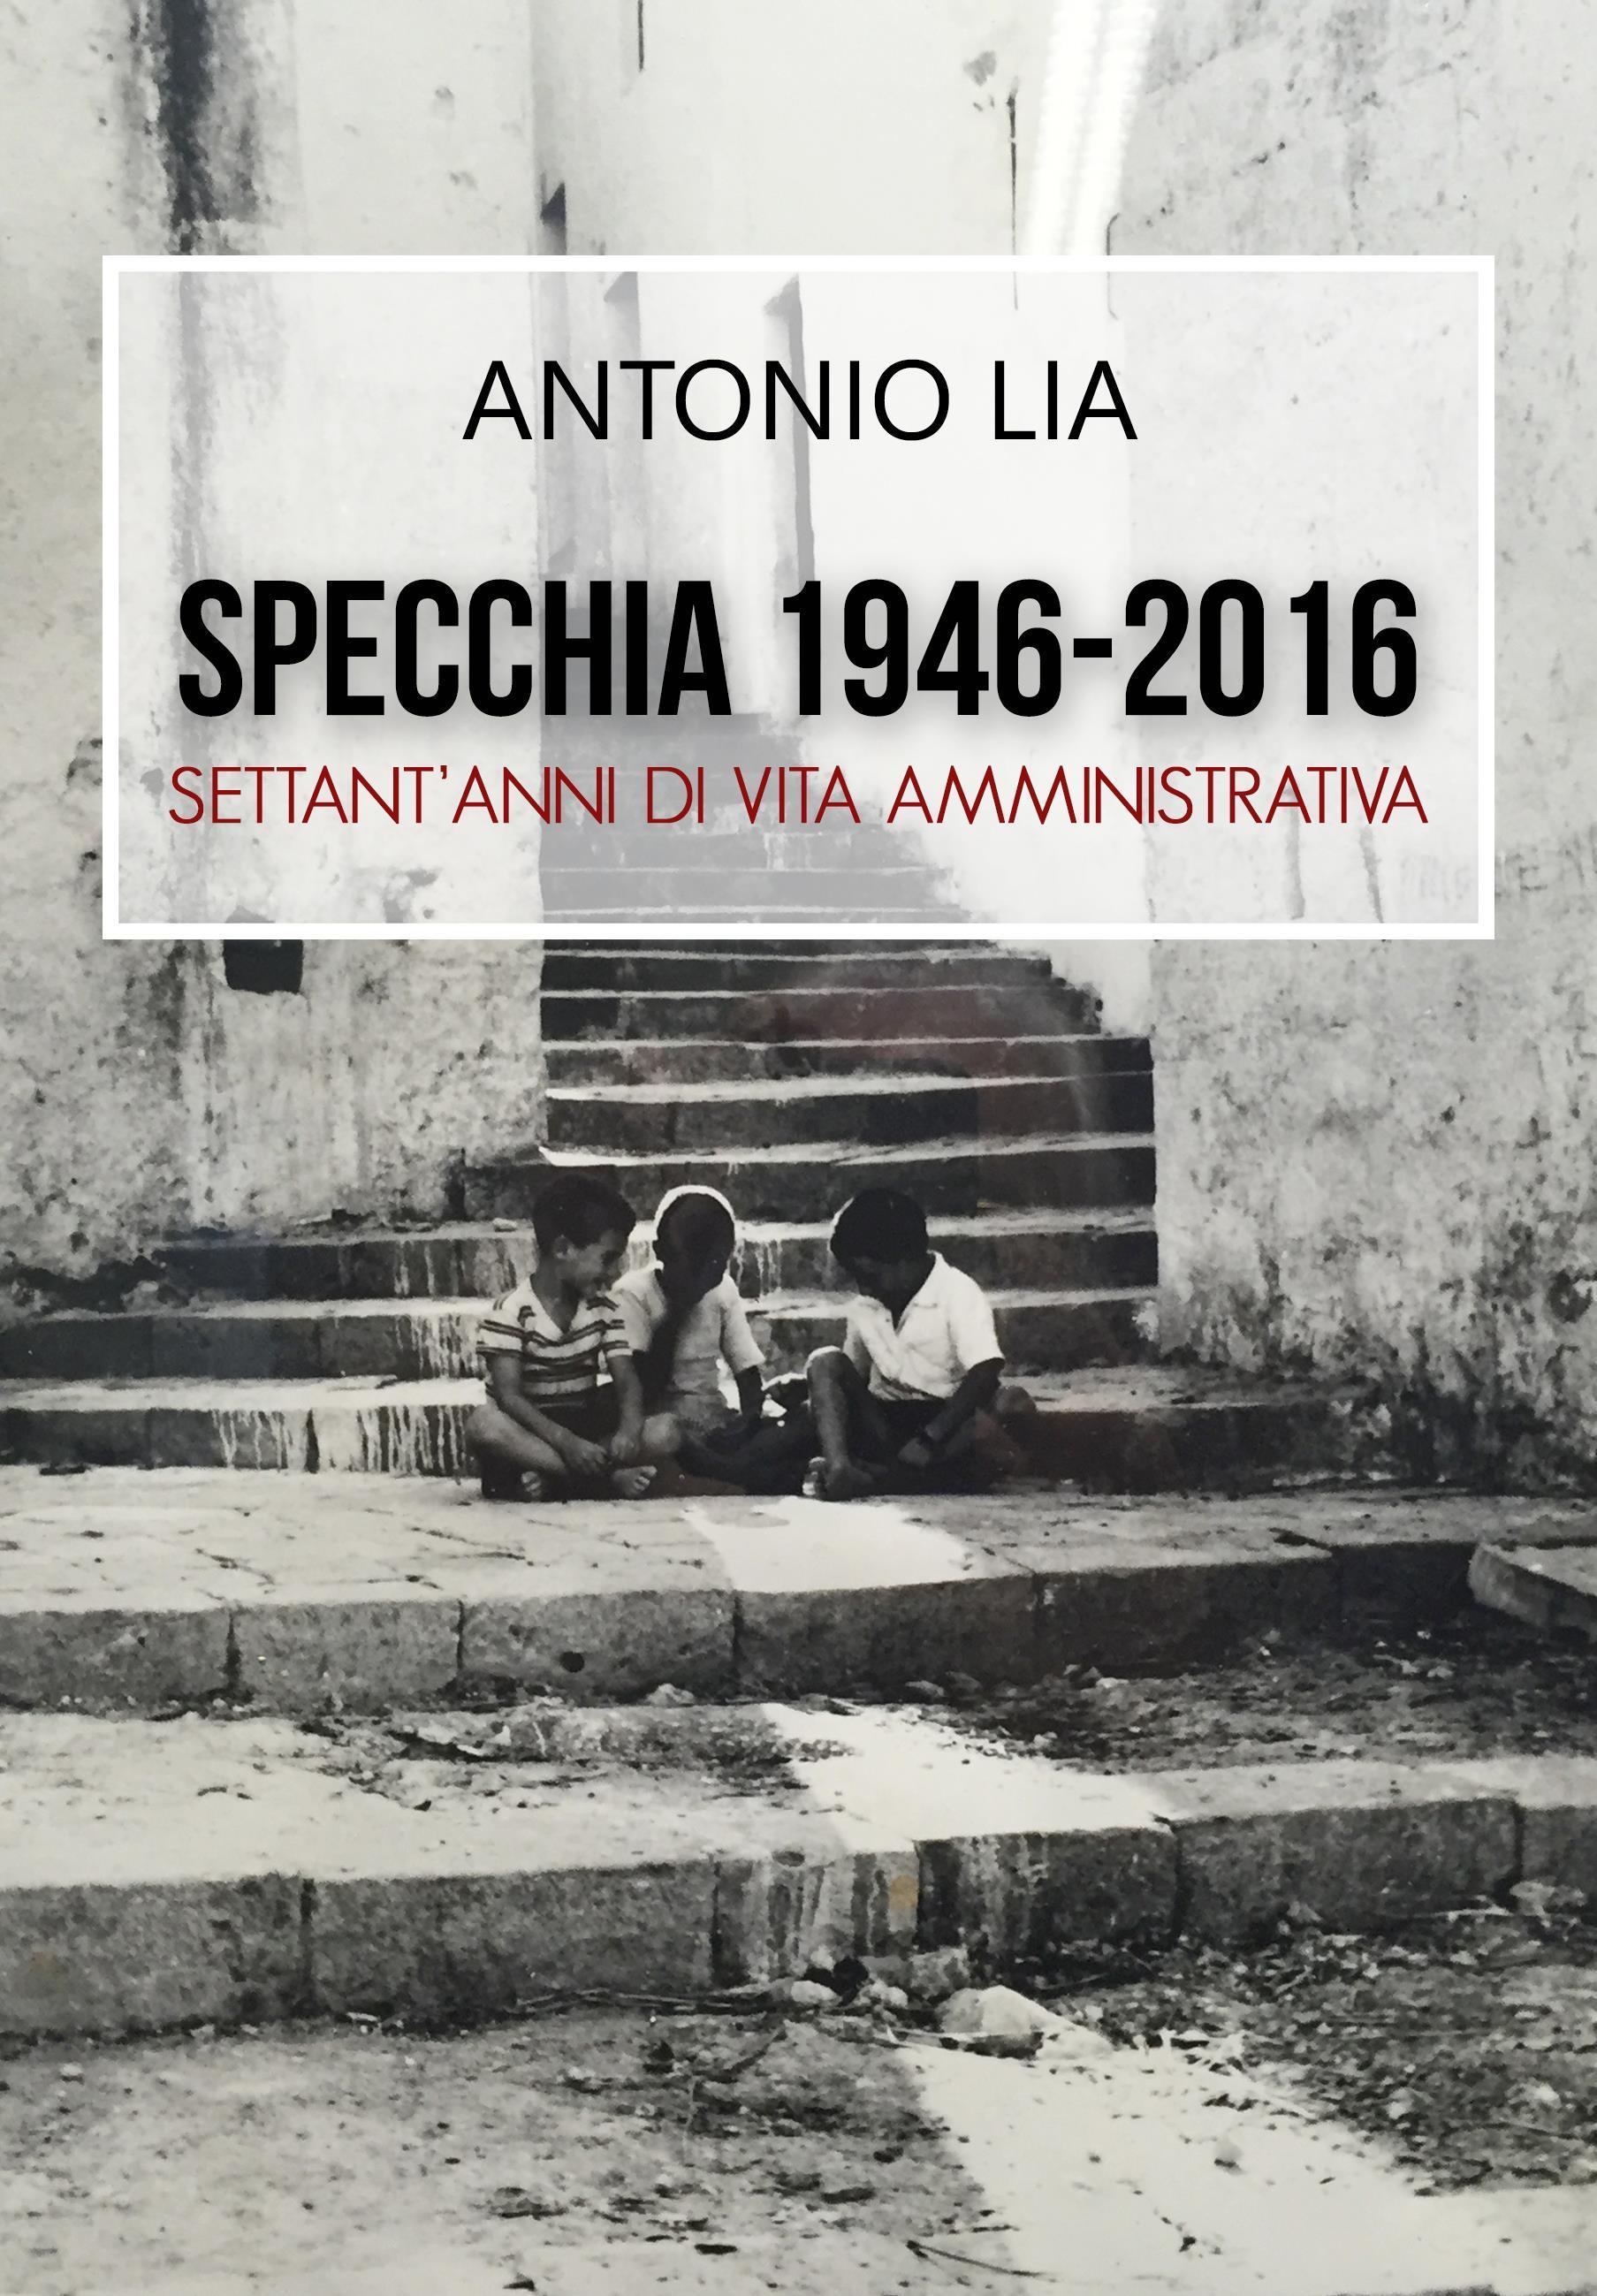 Specchia 1946-2016 Settant'anni di vita amministrativa